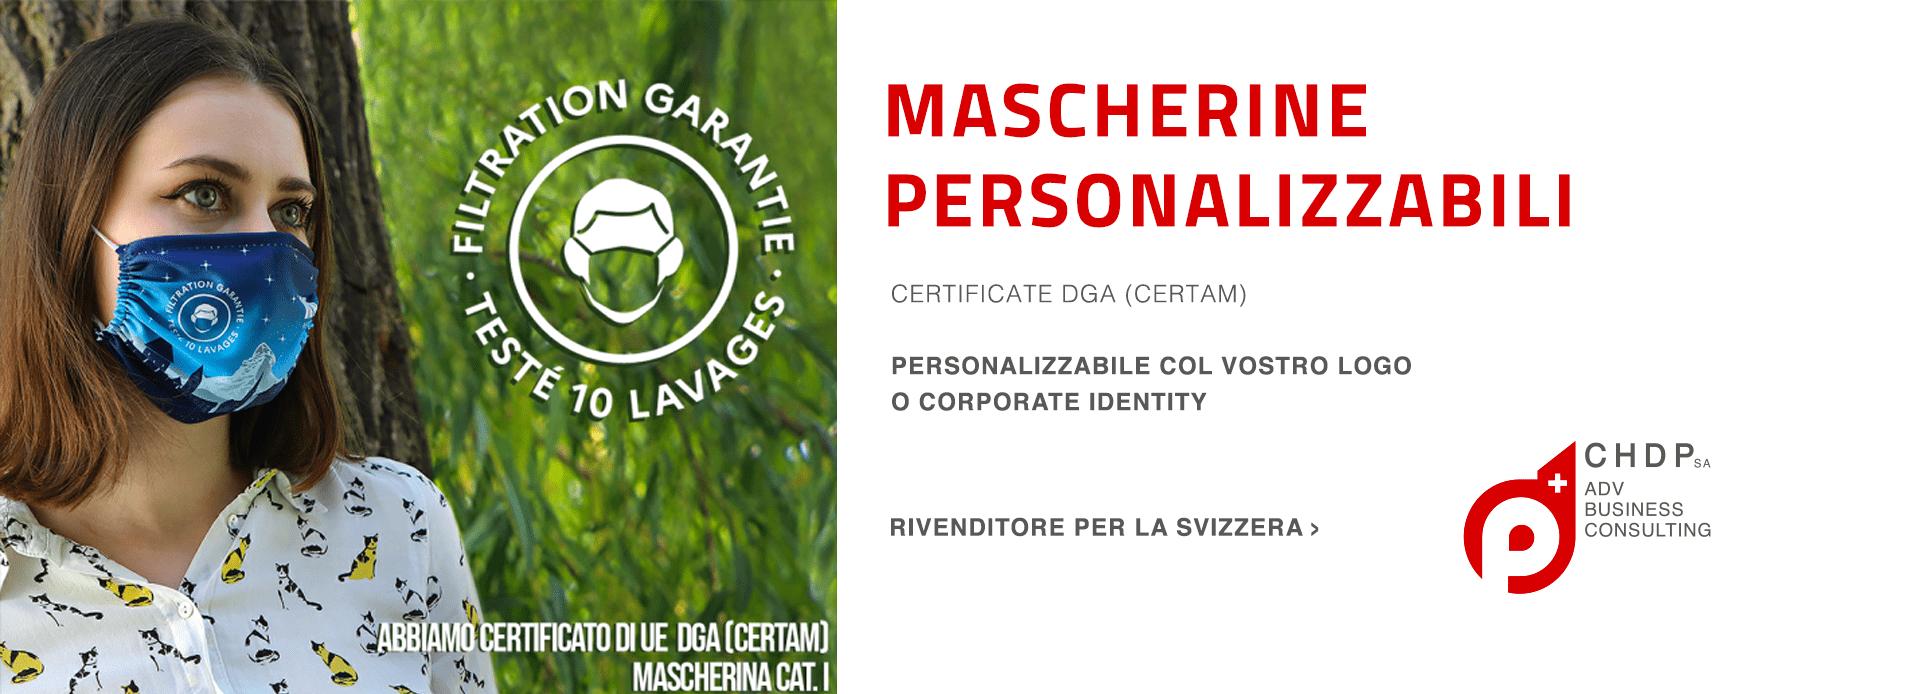 Mascherine personalizzabili per la tua azienda in Svizzera